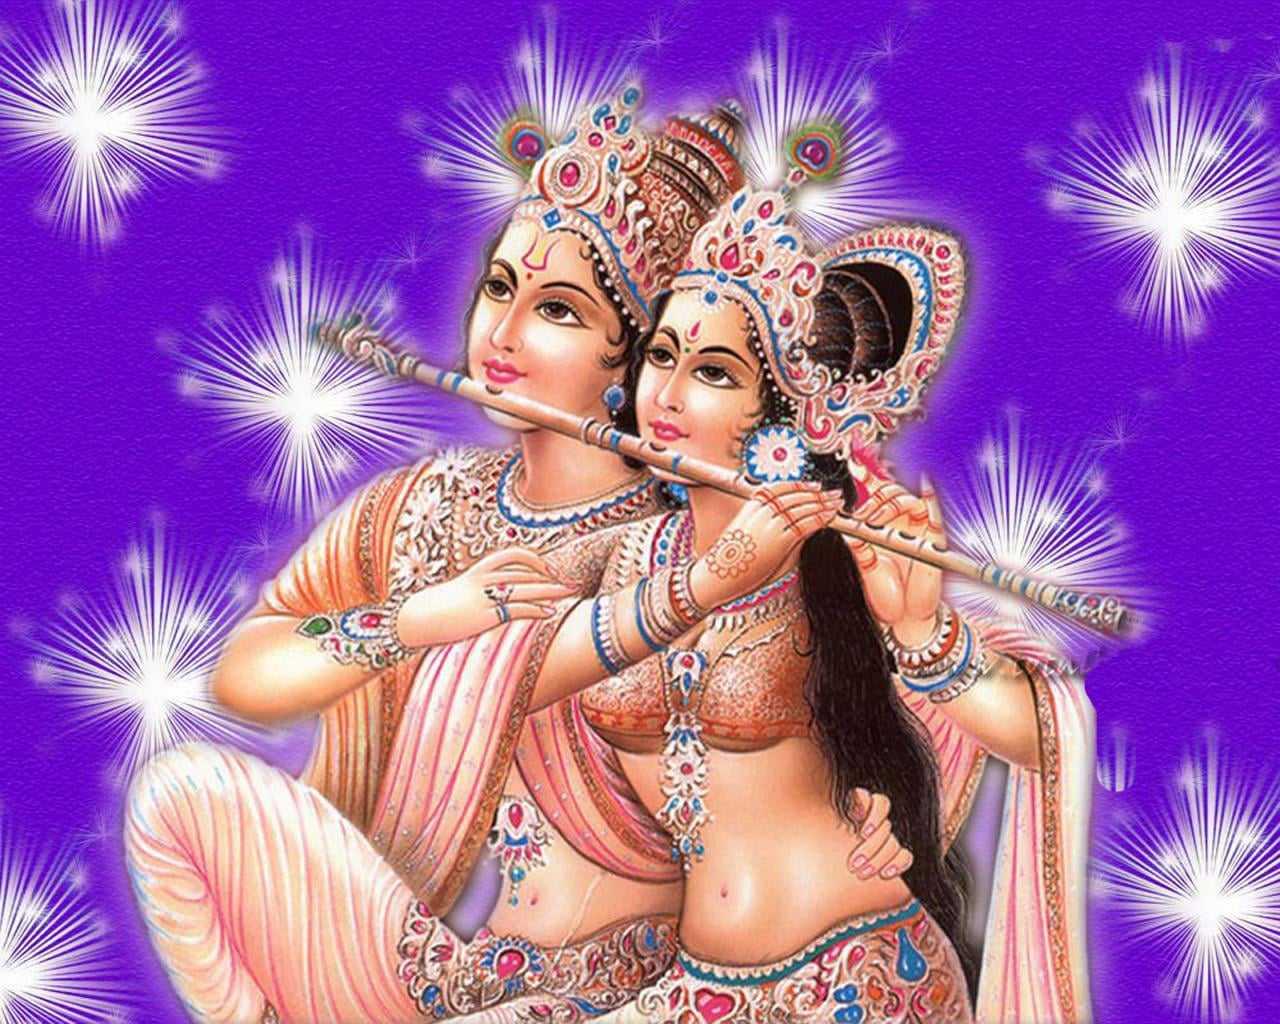 Wallpaper download krishna - Lord Krishna Images Hd 1080p Free Download